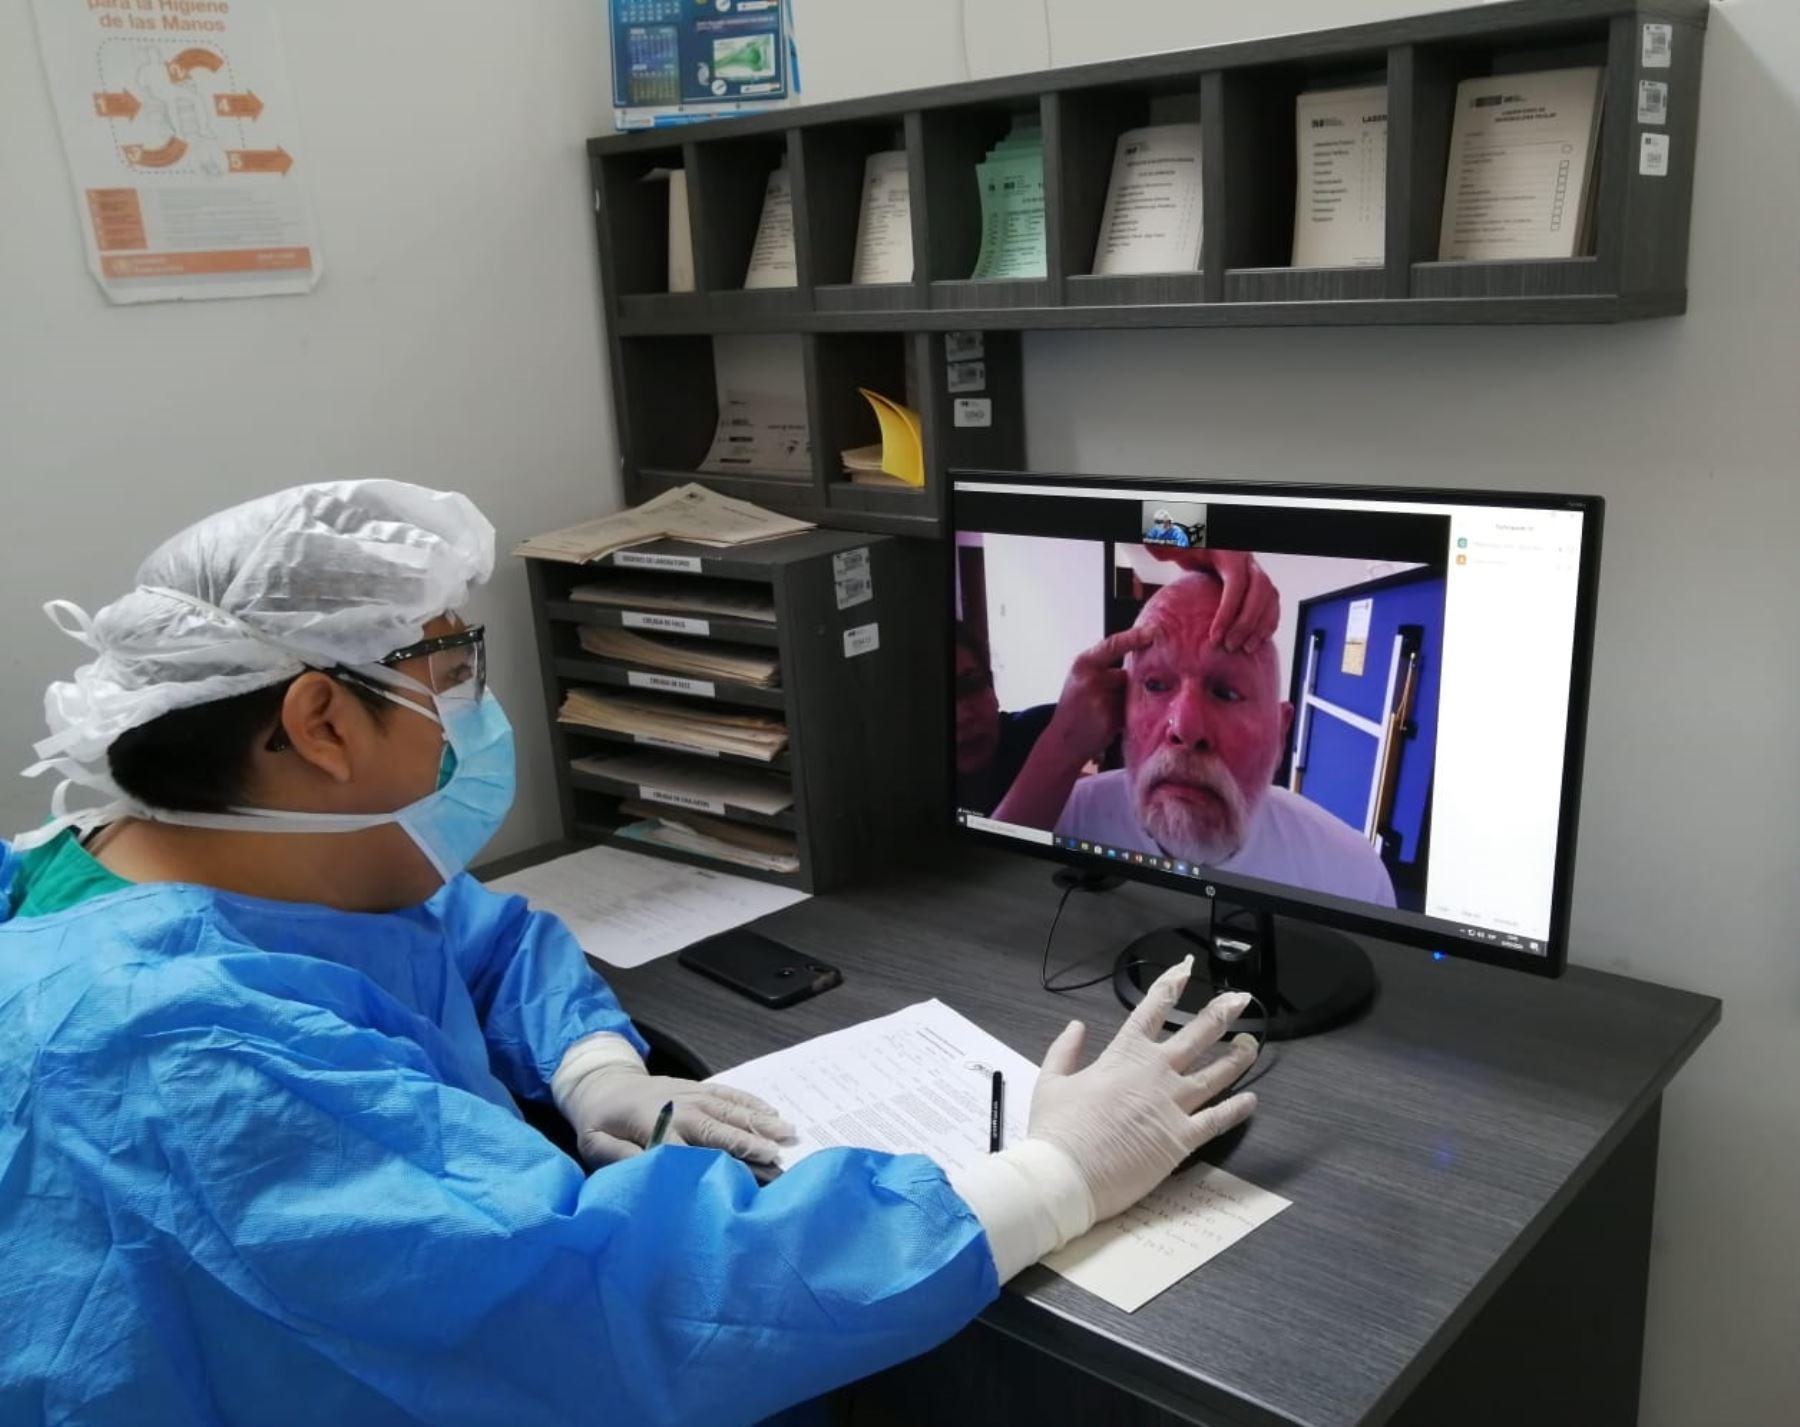 Desde el 3 de abril dicha institución viene implementando con éxito el servicio de teleorientación oftalmológica en beneficio de sus pacientes